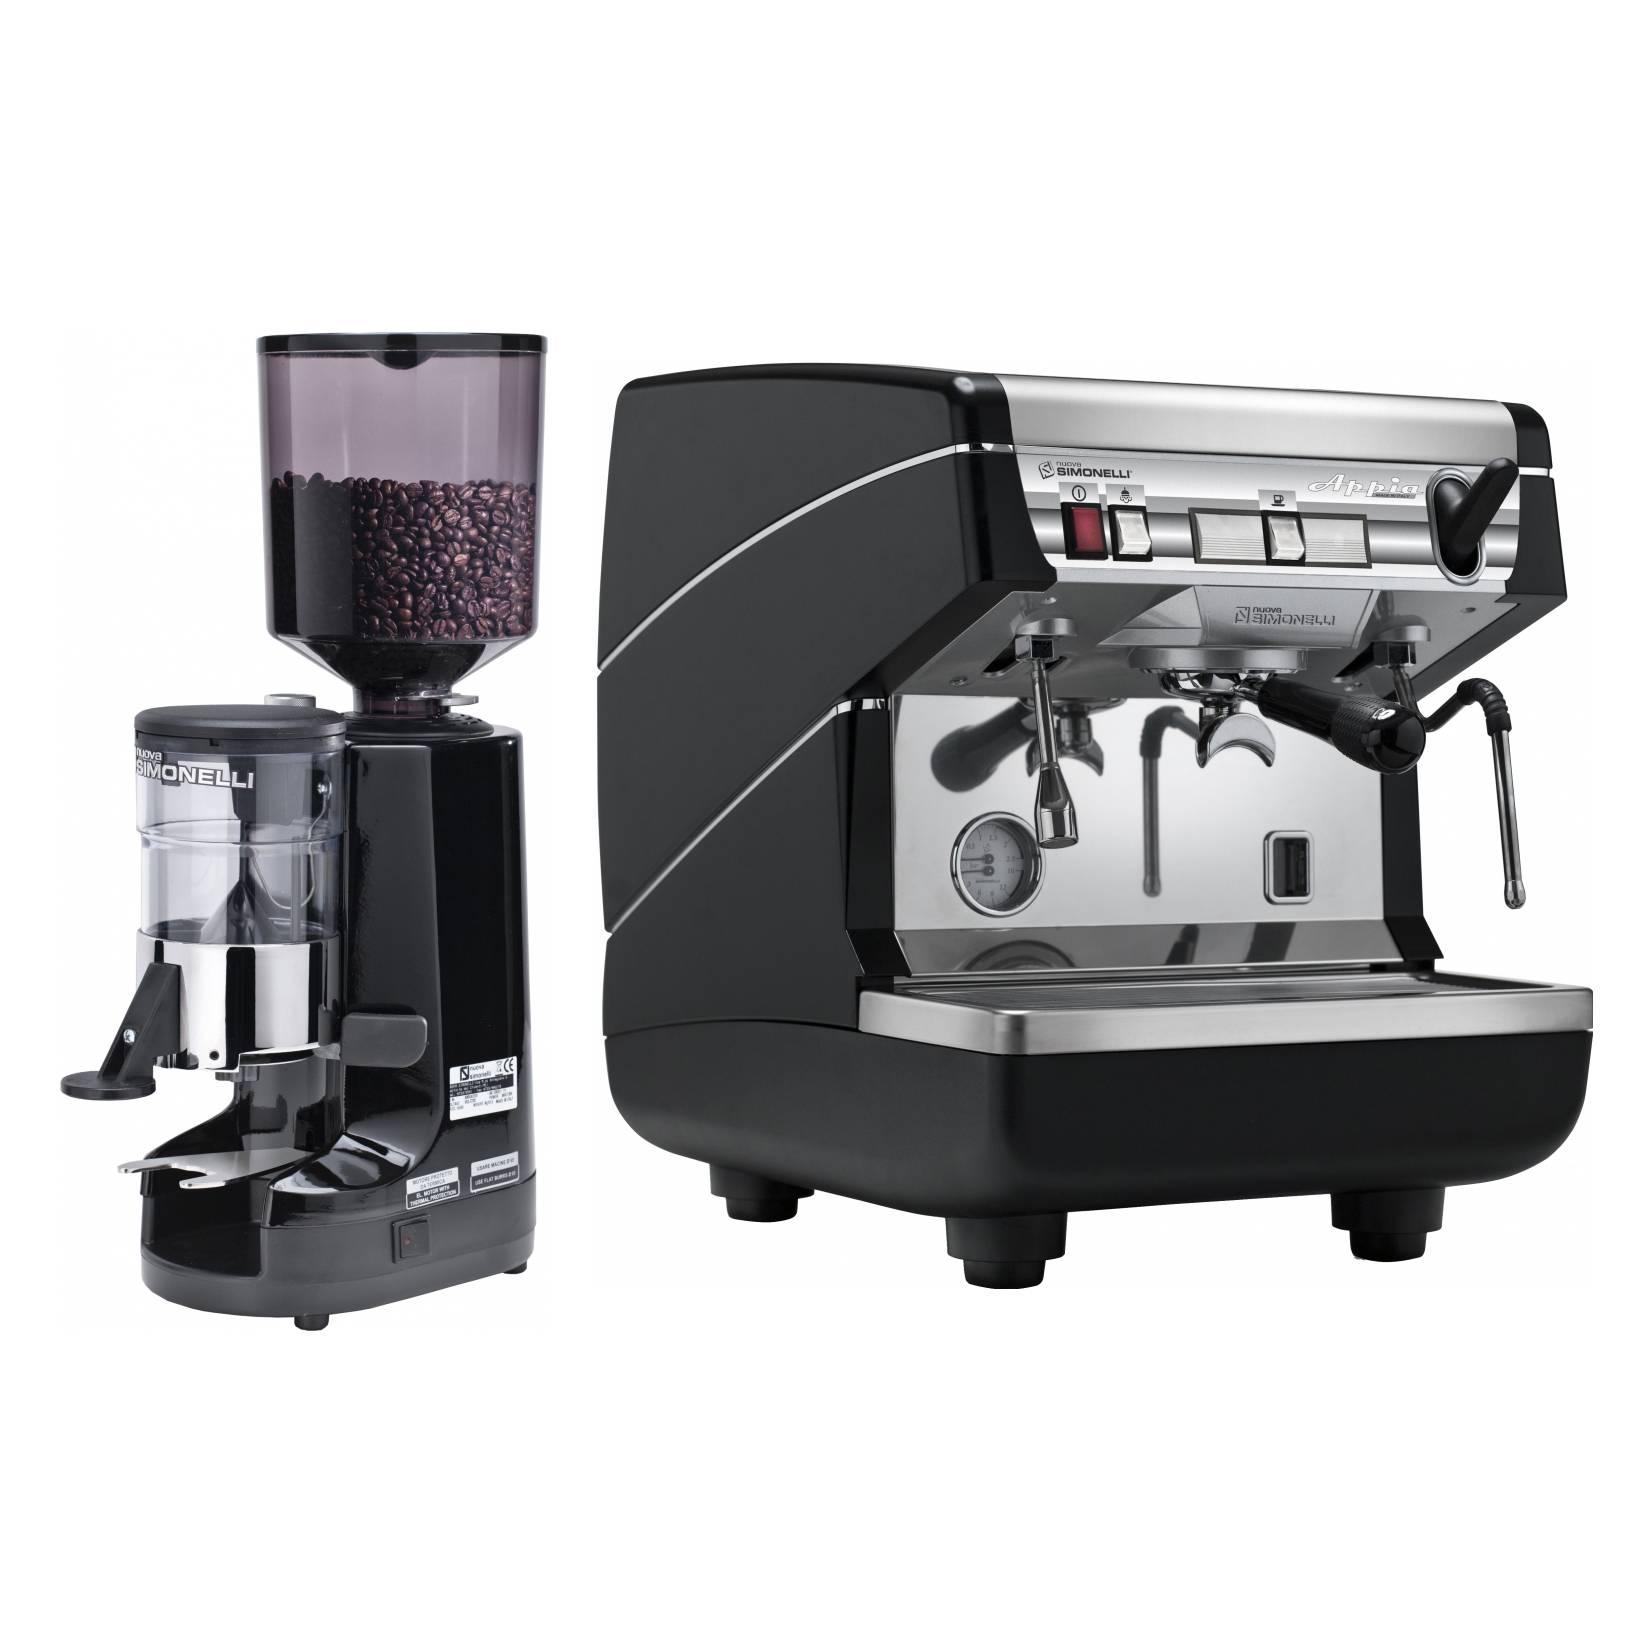 Что выгоднее - покупка или аренда кофемашины для офиса, кафе?